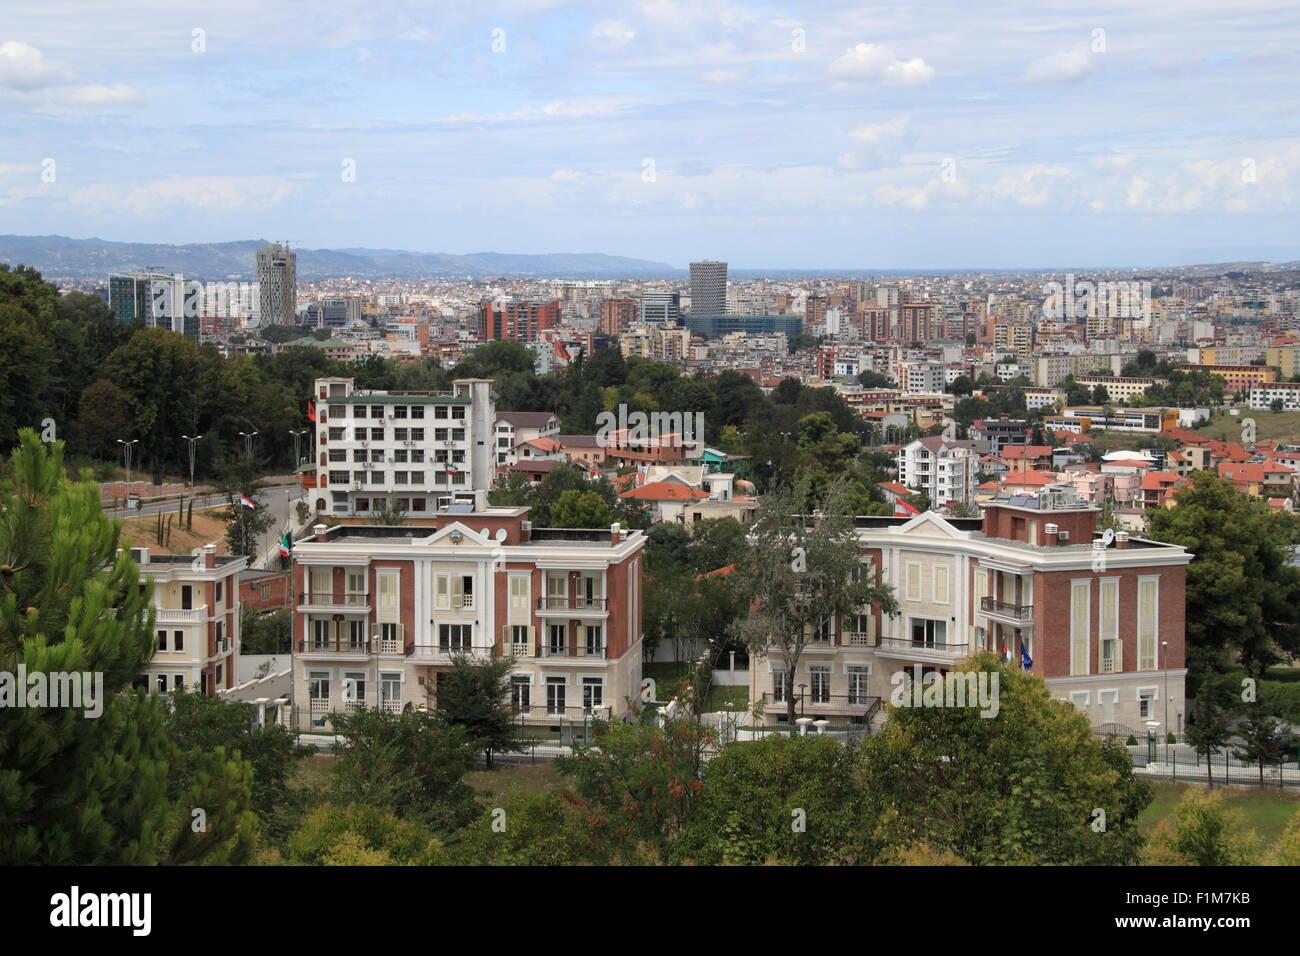 Tirana city centre seen from the National Martyrs Cemetery, Rruga e Elbasanit, Tirana, Albania, Balkans, Europe - Stock Image